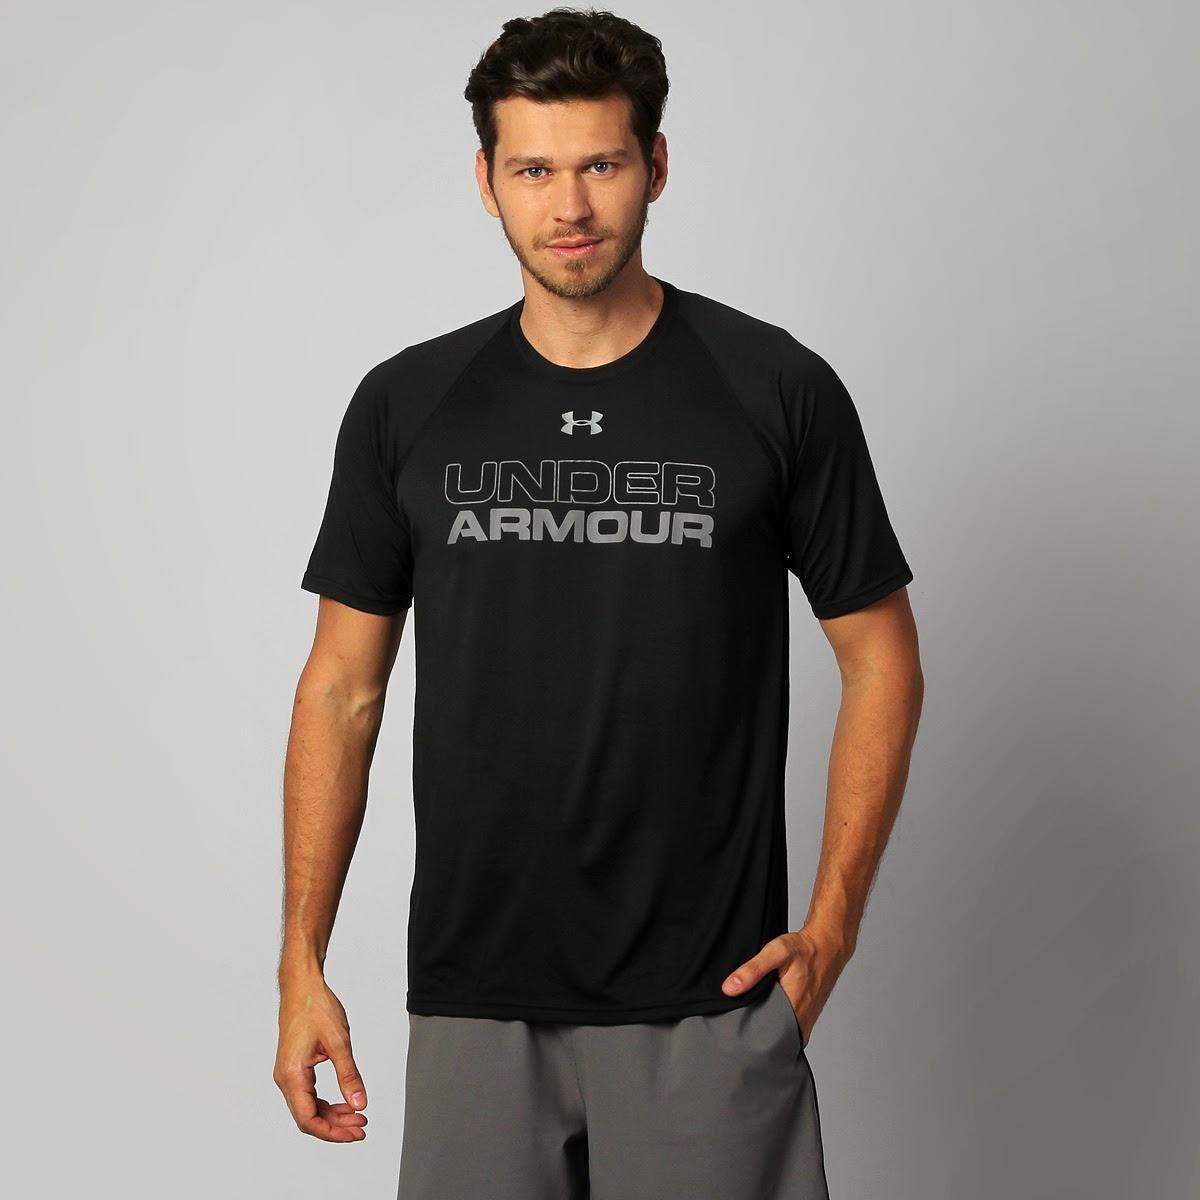 Camiseta Under Armour Core Training-Wrdmrk Graphic